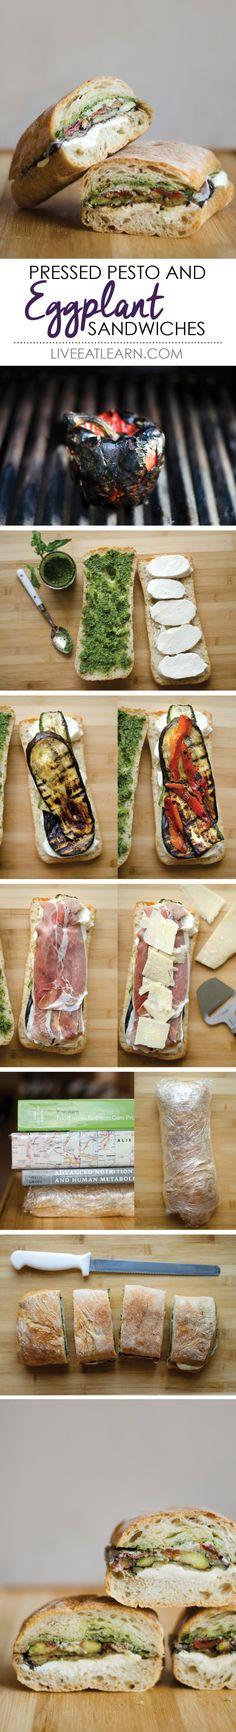 Pressed eggplant sandwiches with roasted red bell pepper, zucchini, buffalo mozzarella, prosciutto, and homemade pesto, on a ciabatta bread // Live Eat Learn